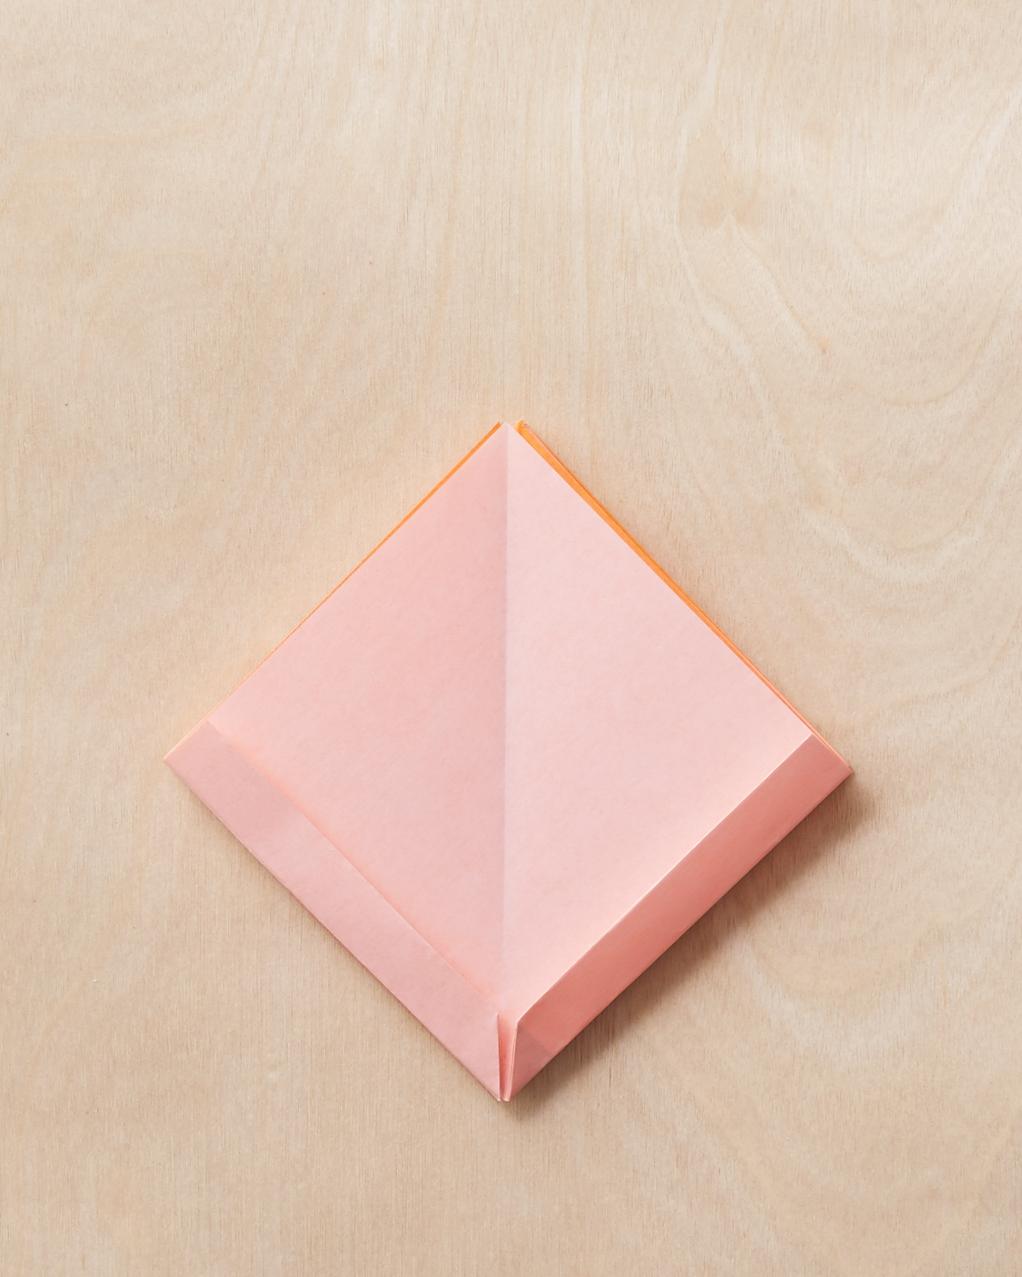 origami-bow-7-199-mwd110795.jpg